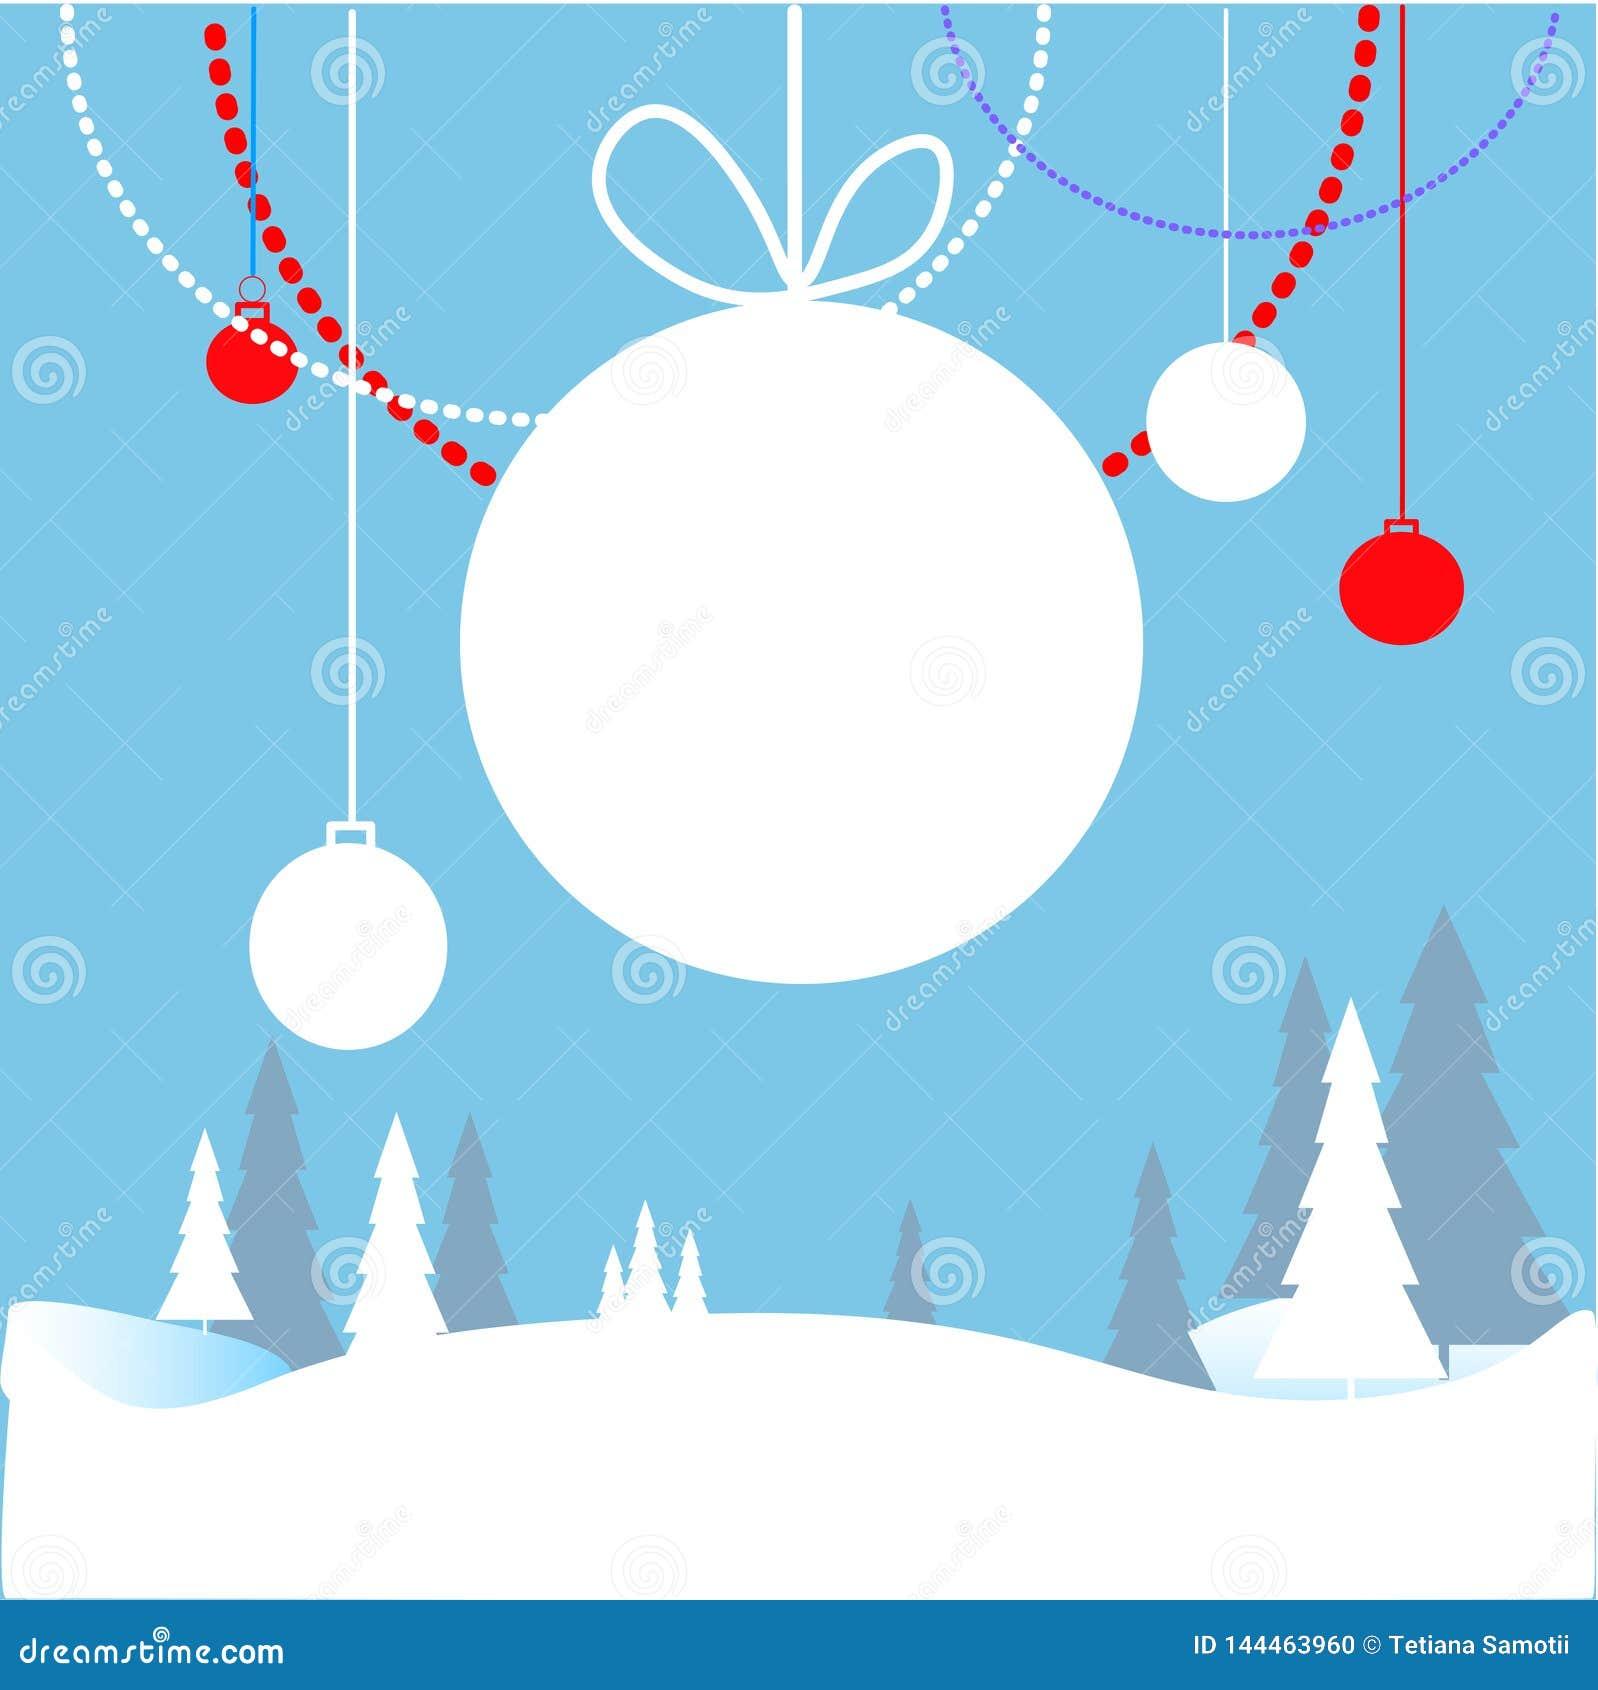 Web Frohe und helle Weihnachten frohe Feiertage guten Rutsch ins Neue Jahr-Grußkarten